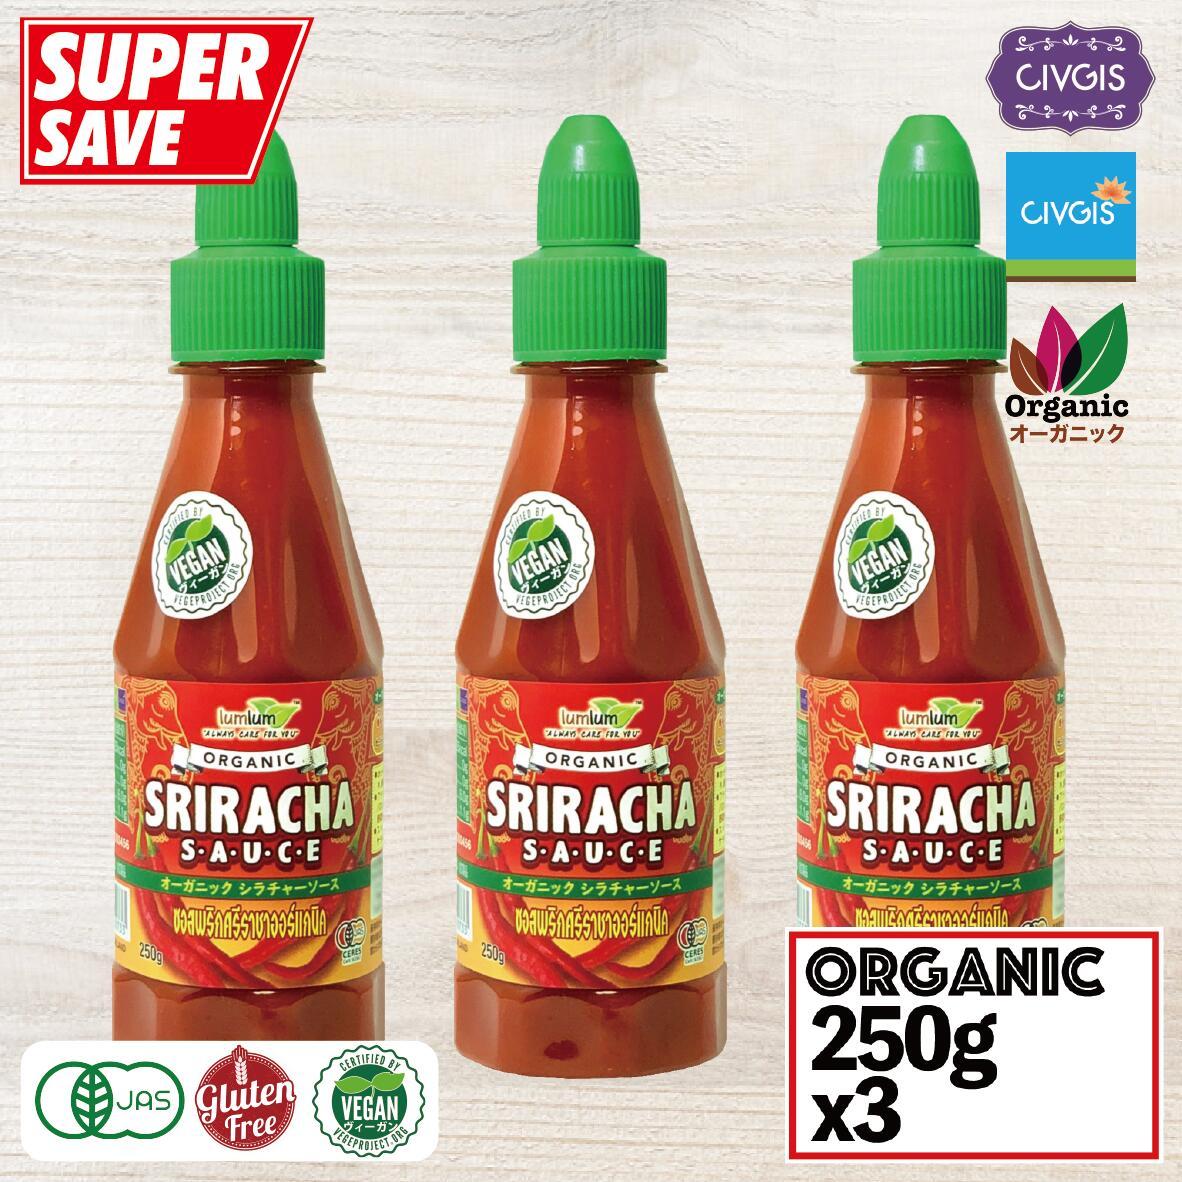 超美品再入荷品質至上 オーガニックだから意味がある 世界初 唯一無二のオーガニックシラチャーソース チブギスラムラム セール価格 オーガニック シラチャーソース 250g x 3本 3本セット ビーガン スリラチャーソース 別名:シラチャソース CIVGIS lumlum 3pcs Sauce グルテンフリー Organic Sriracha スリラチャソース